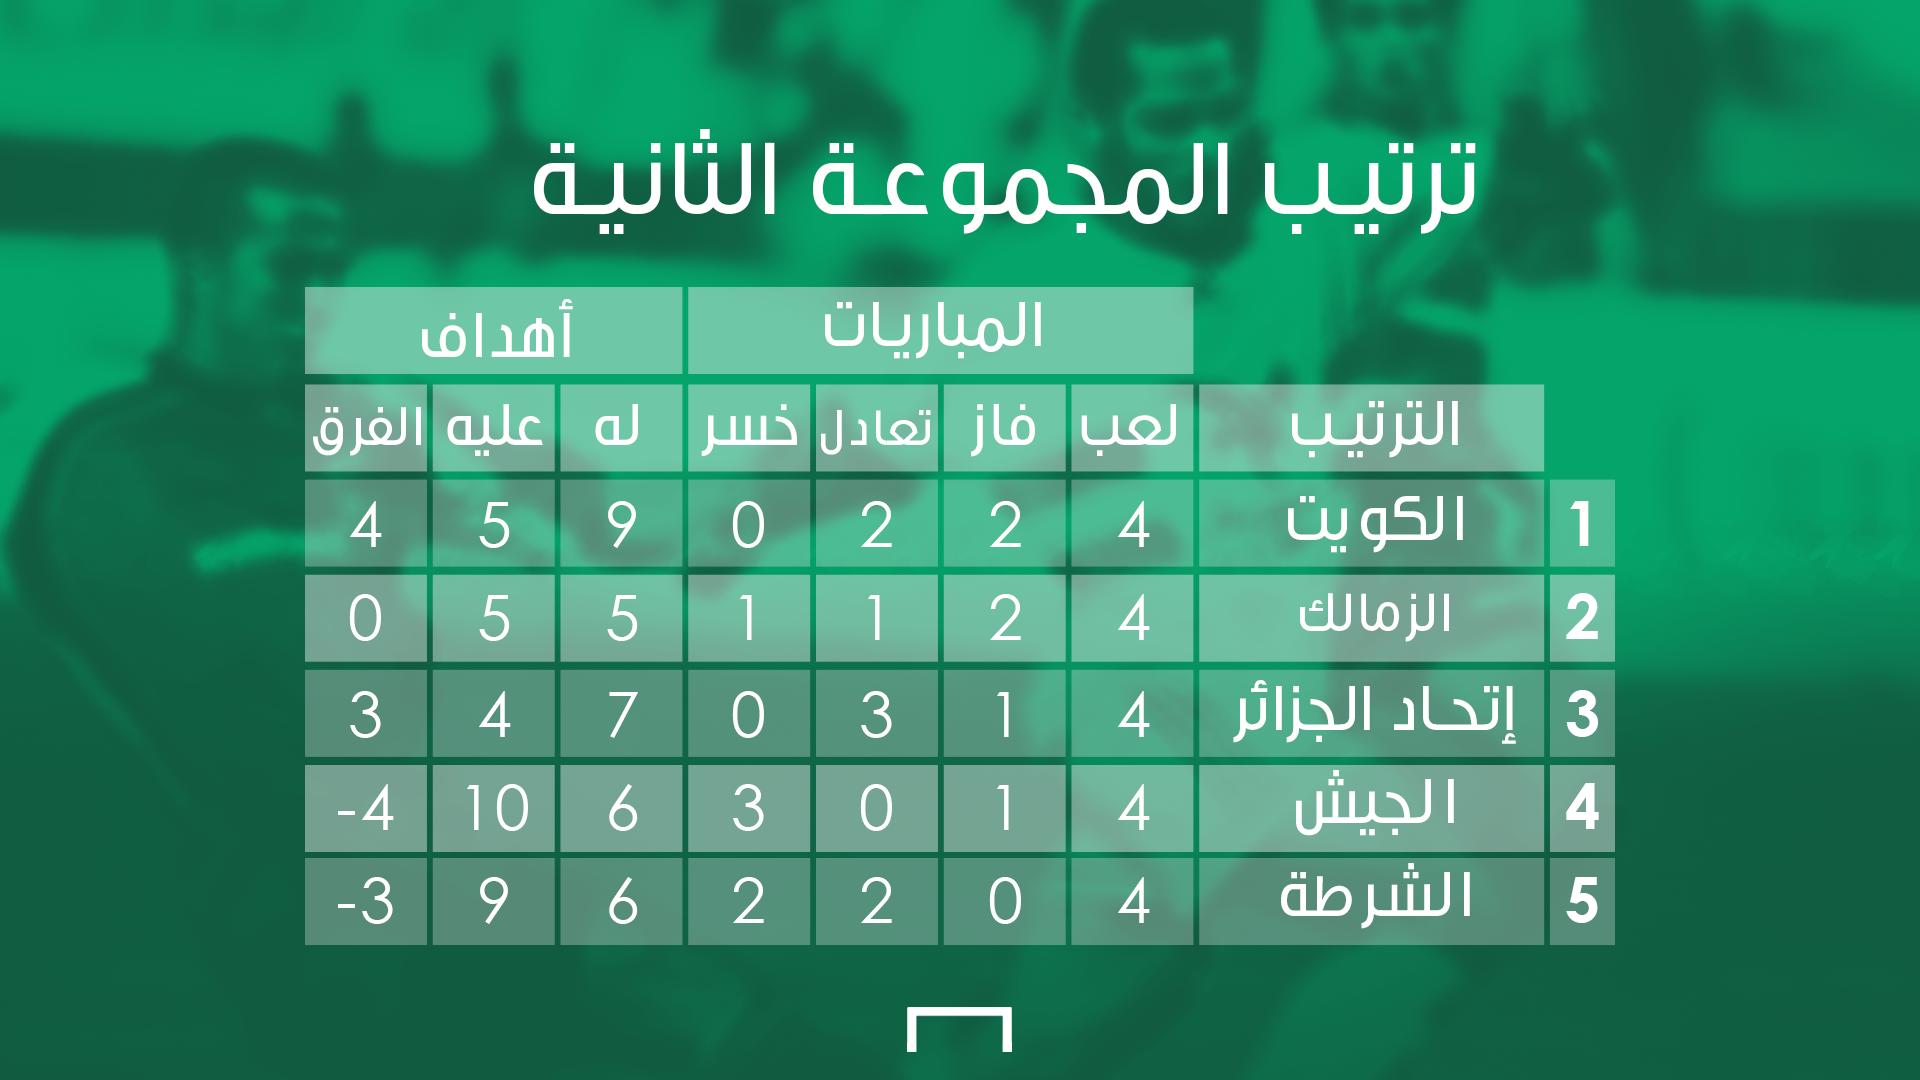 المجموعة الثانية - البطولة العربية 2003